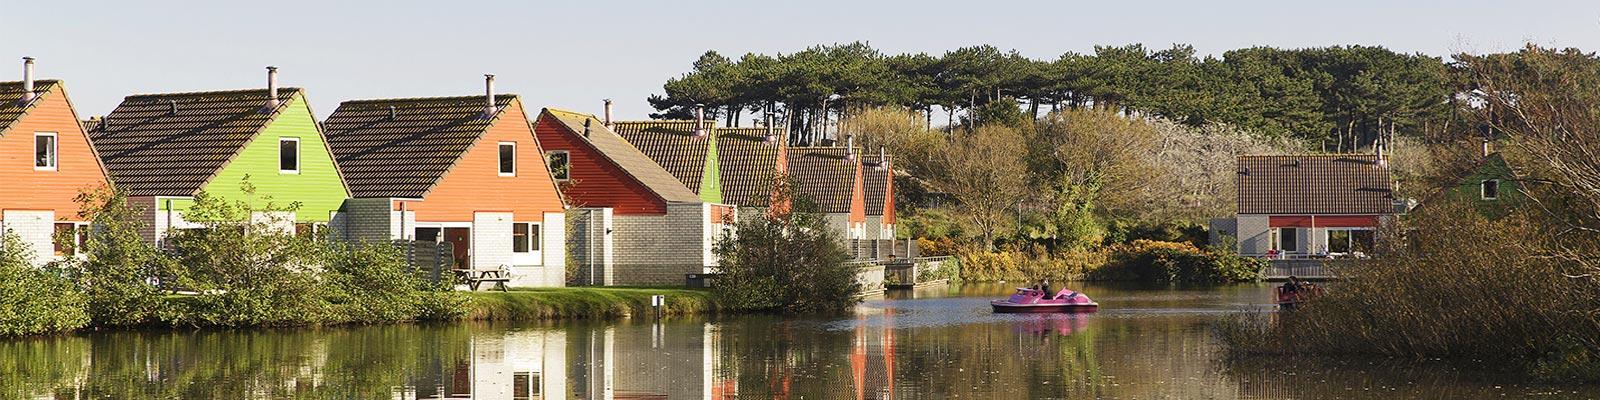 Ferienpark Zandvoort, bei Amsterdam, Niederlände